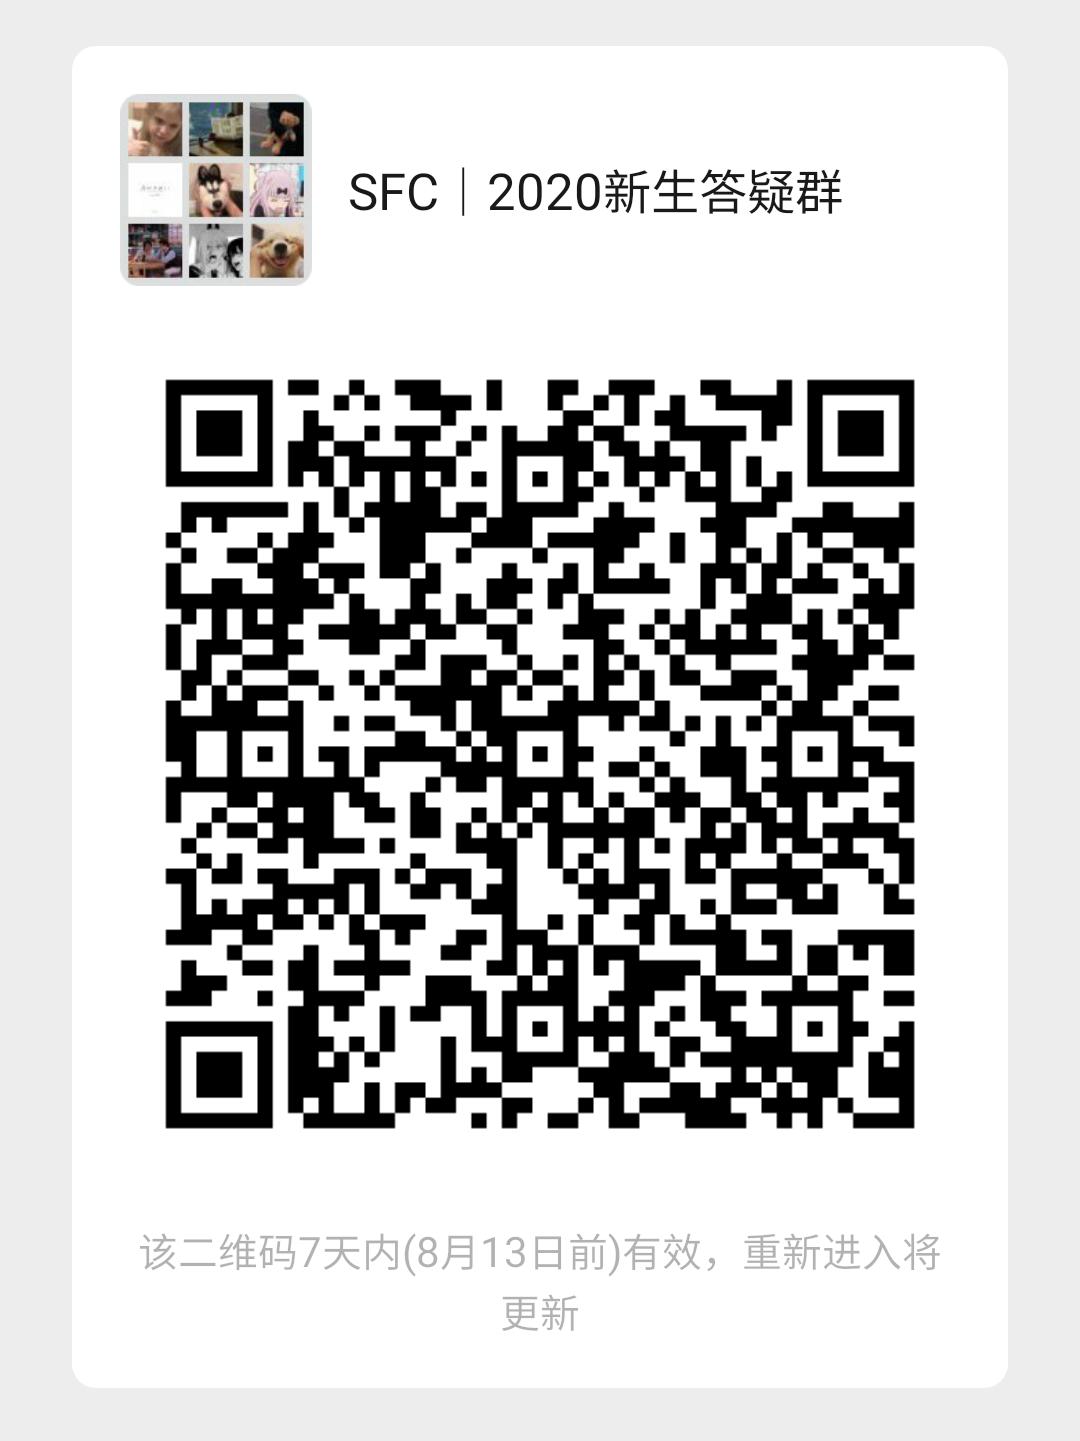 深国交金融社 SFC | 2020招新:2020新生看过来  深国交 深圳国际交流学院 第15张